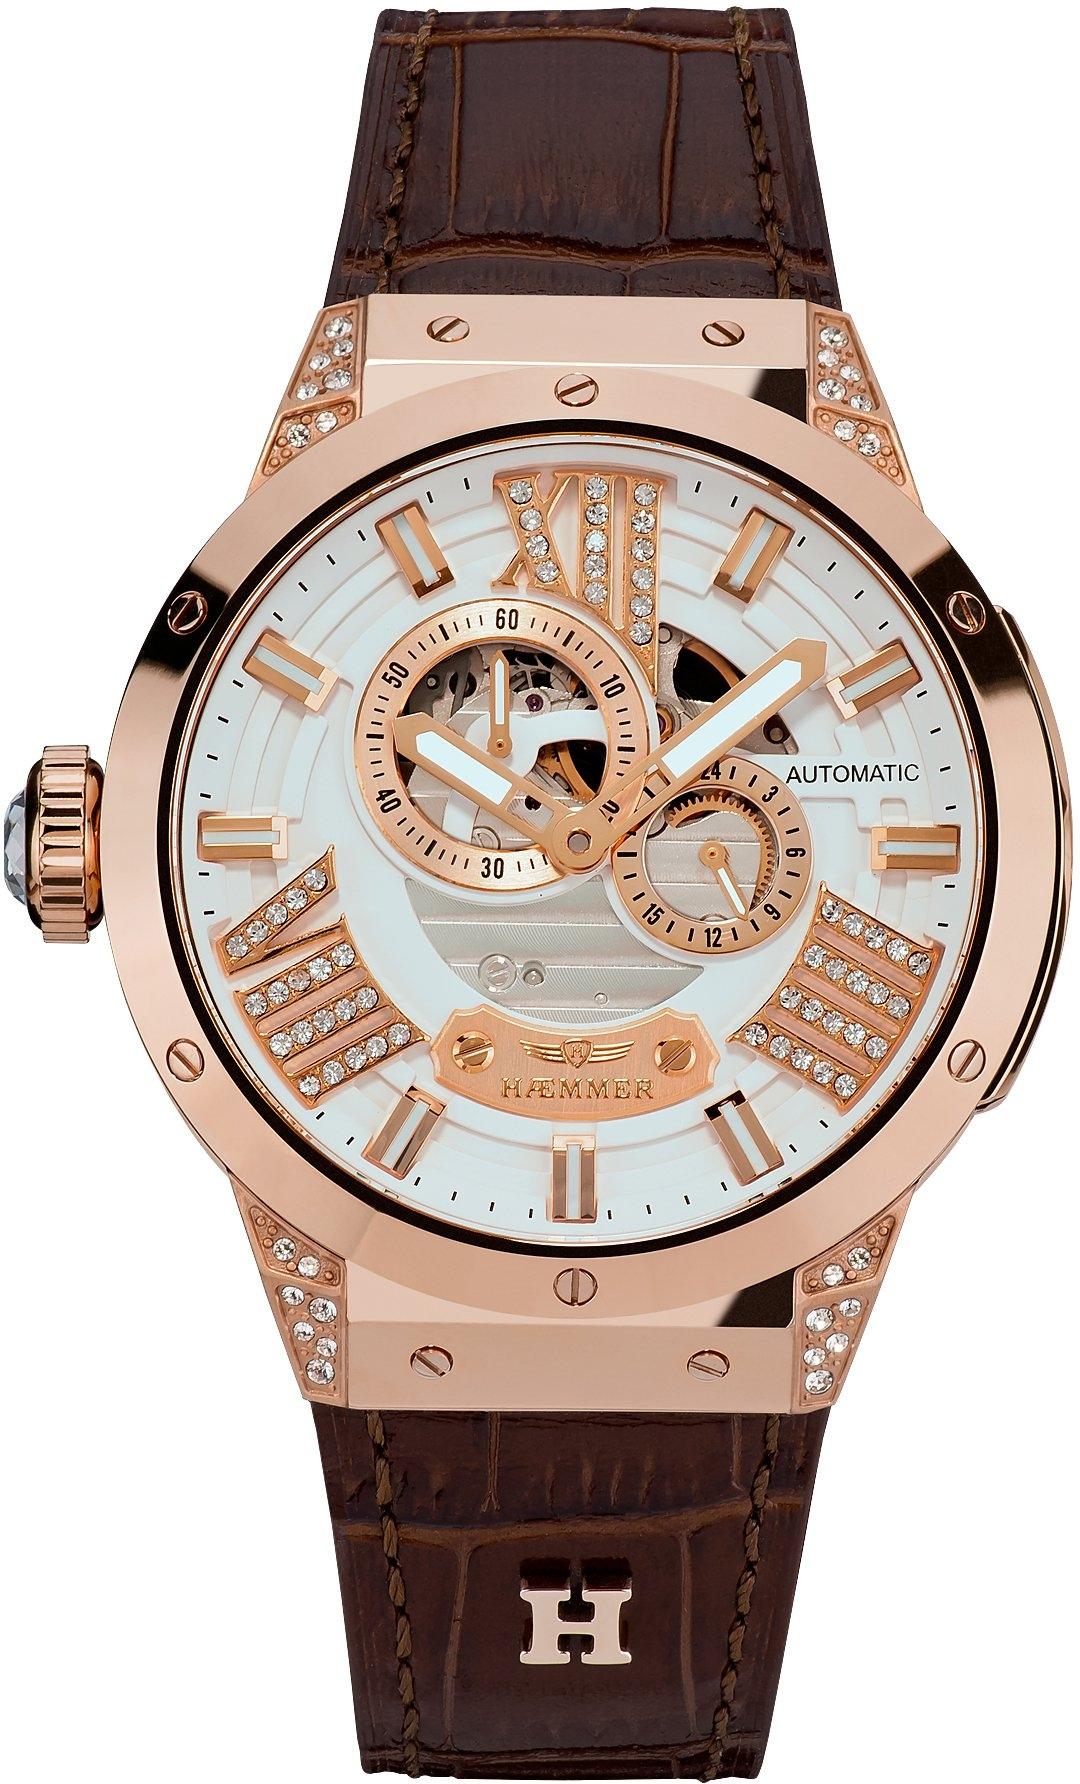 HAEMMER GERMANY automatisch horloge AMBER, GL-400 nu online kopen bij OTTO